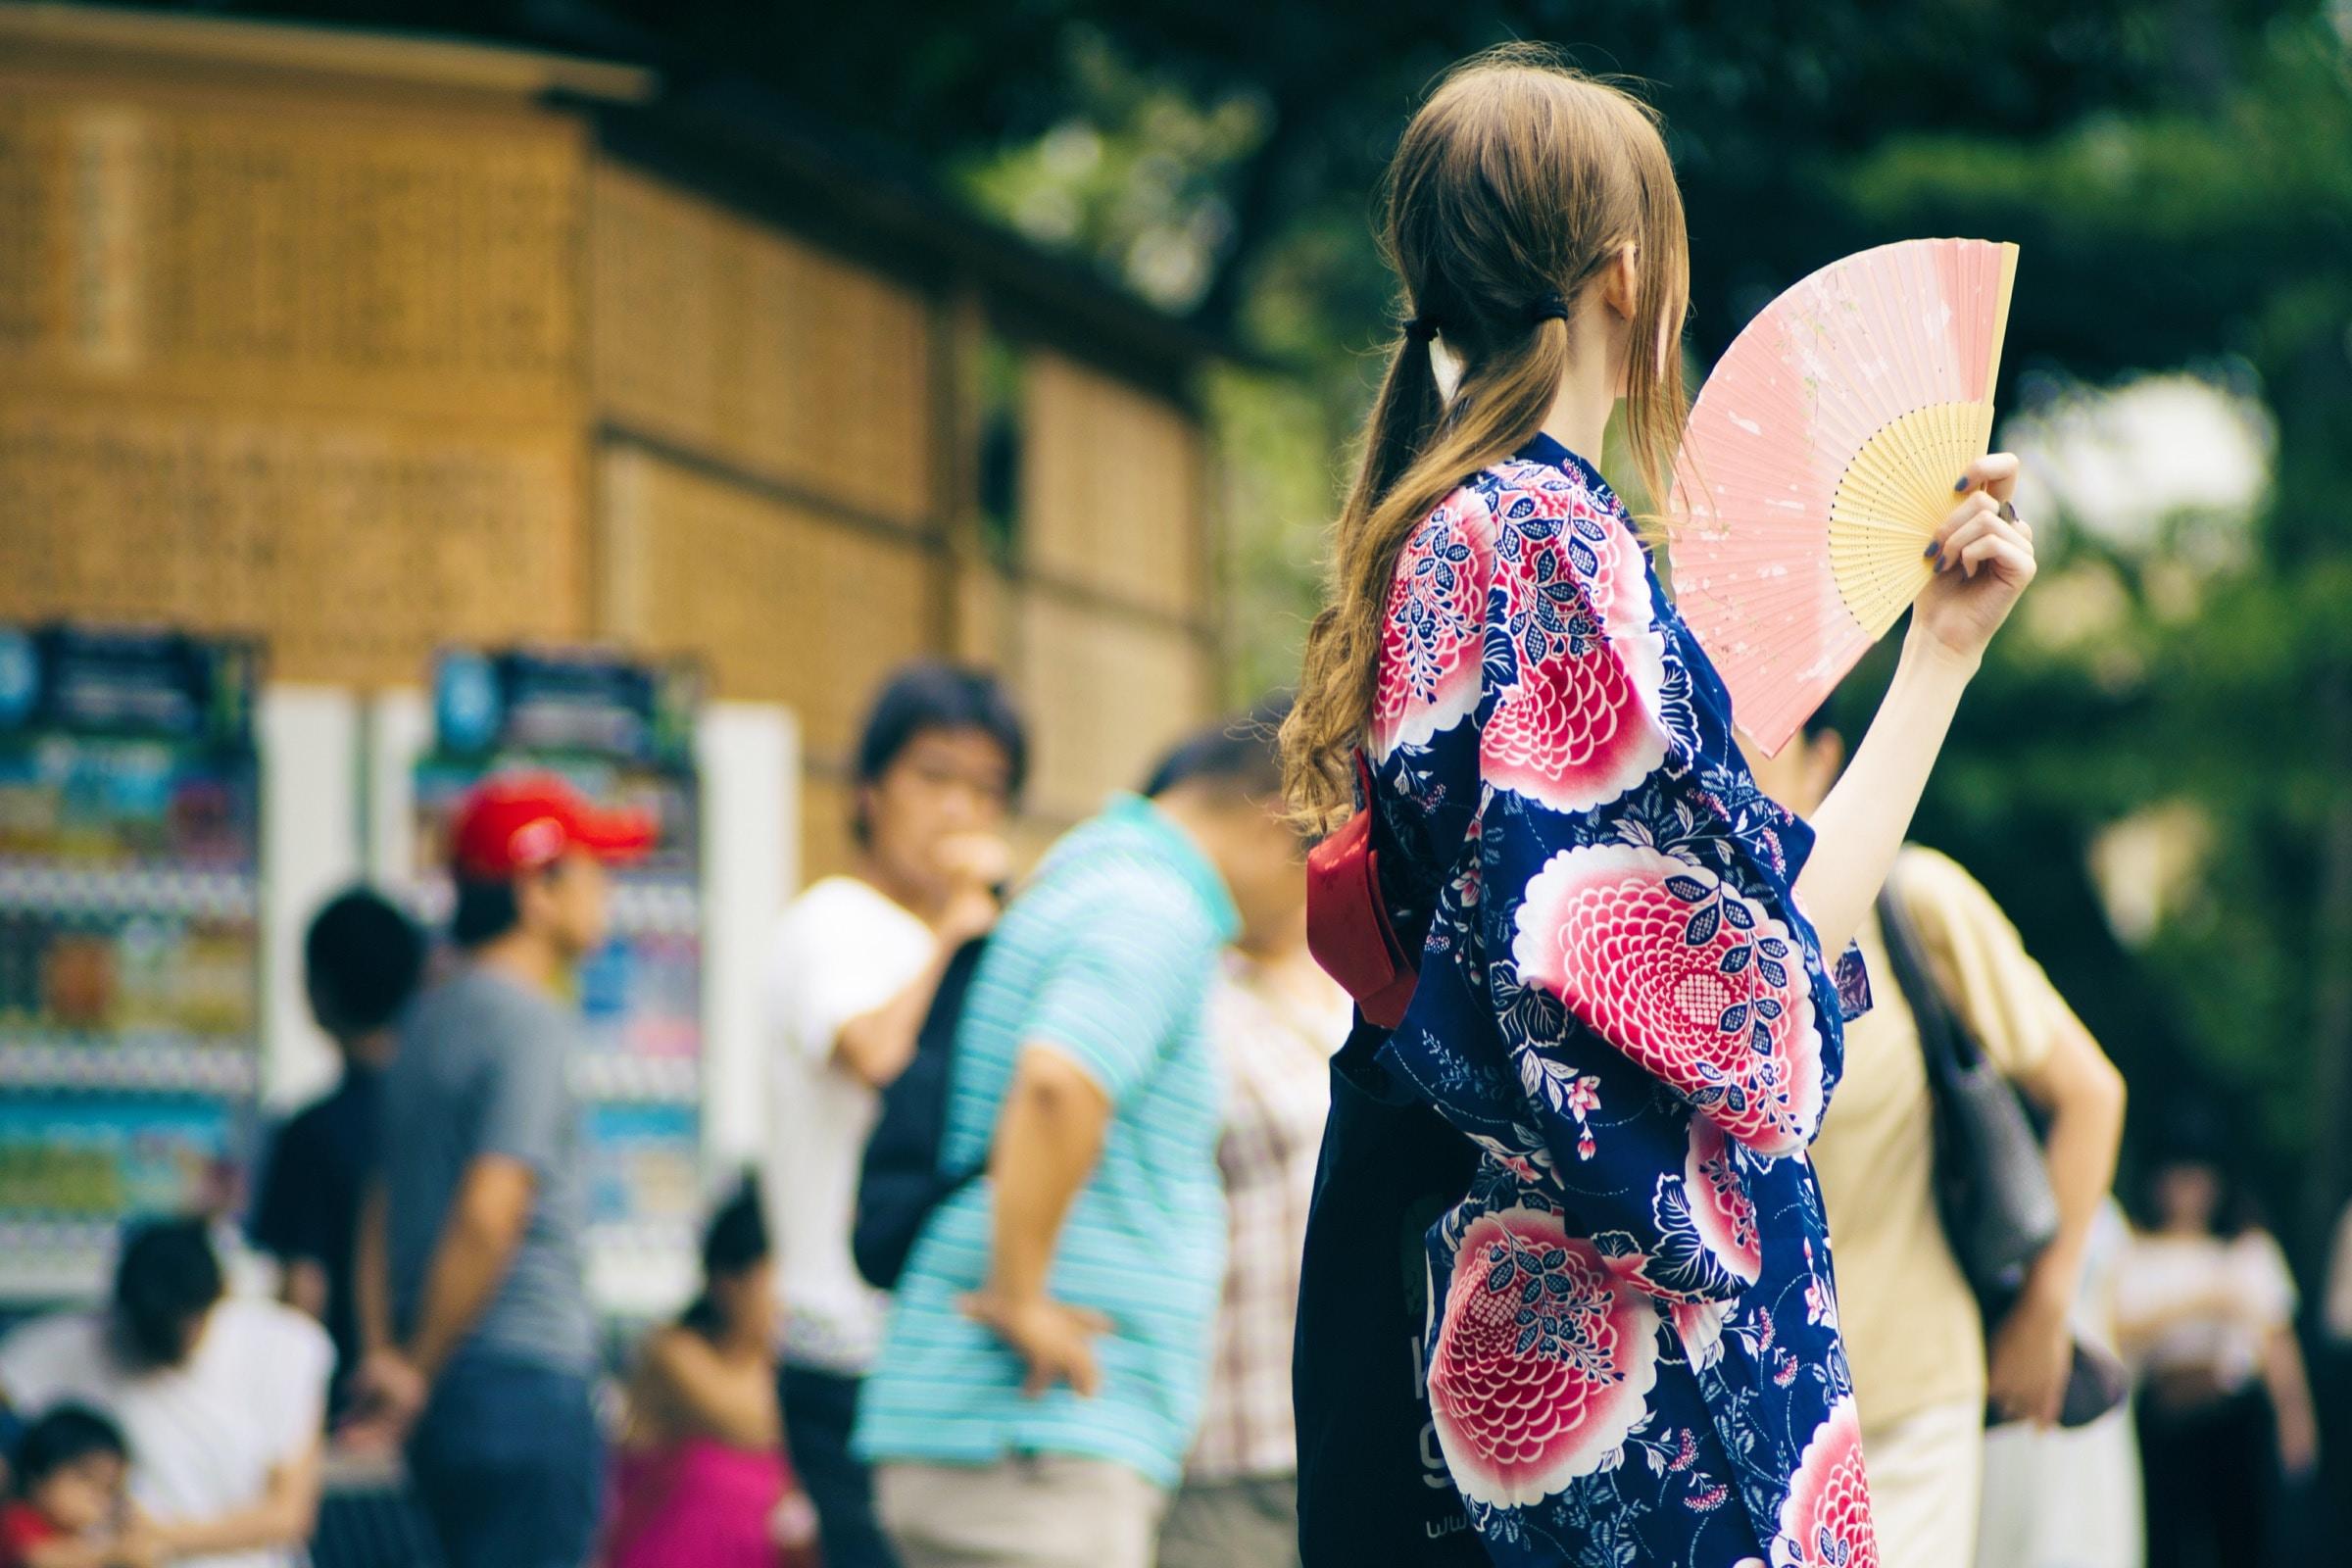 石塚久美子(江戸小紋染め職人)のwiki風プロフ 出身大学や経歴、染物の画像など